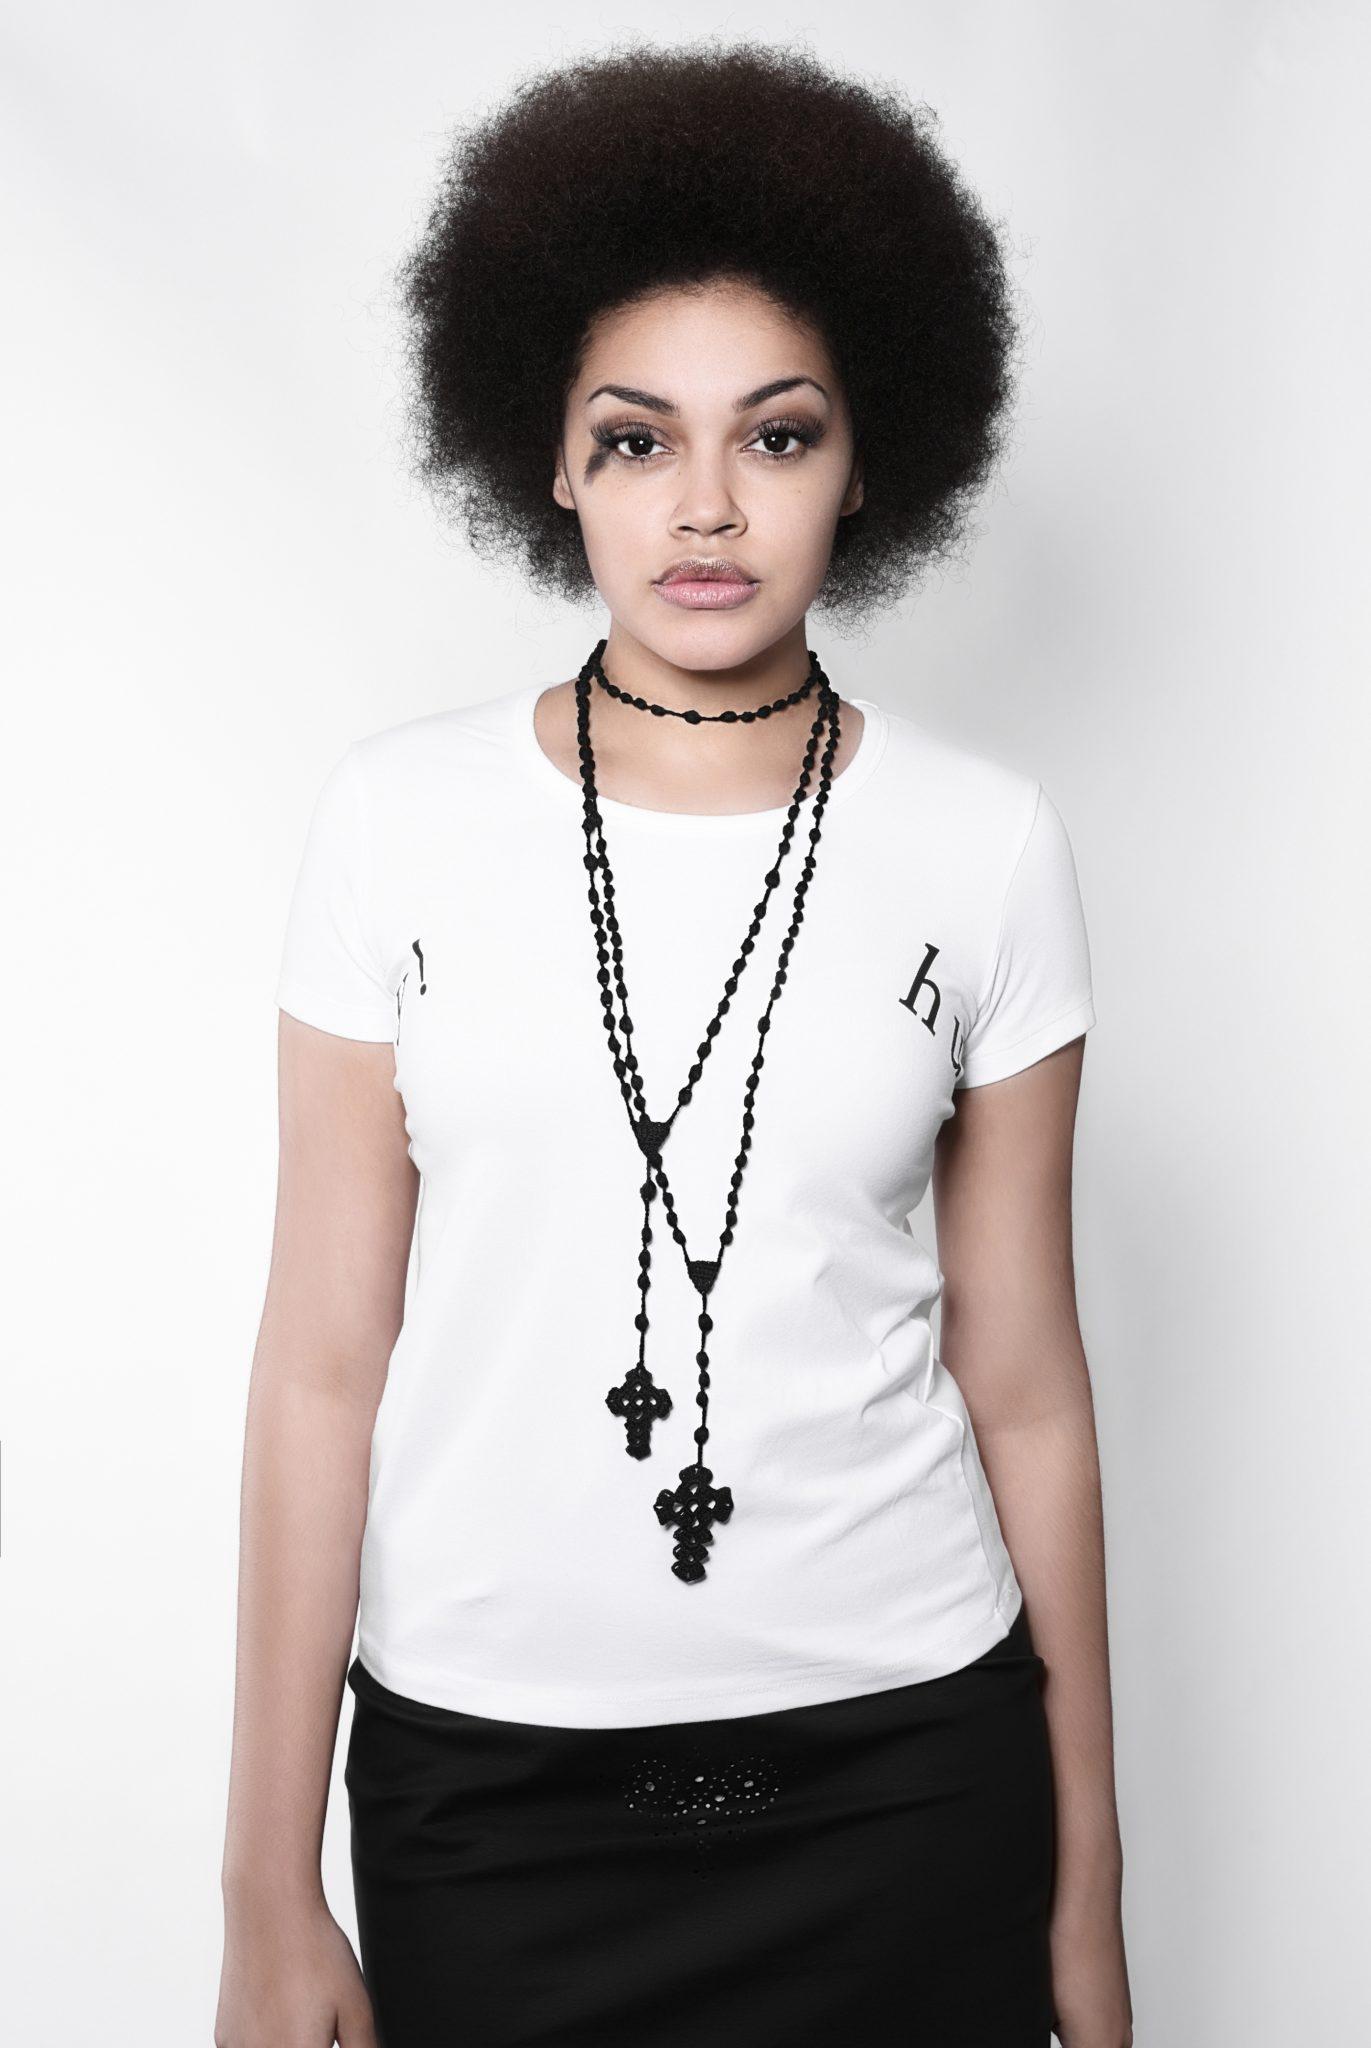 www.avantgarderobe.de-kriebel-schmuck-necklace-kette-rosenkranz-10-2